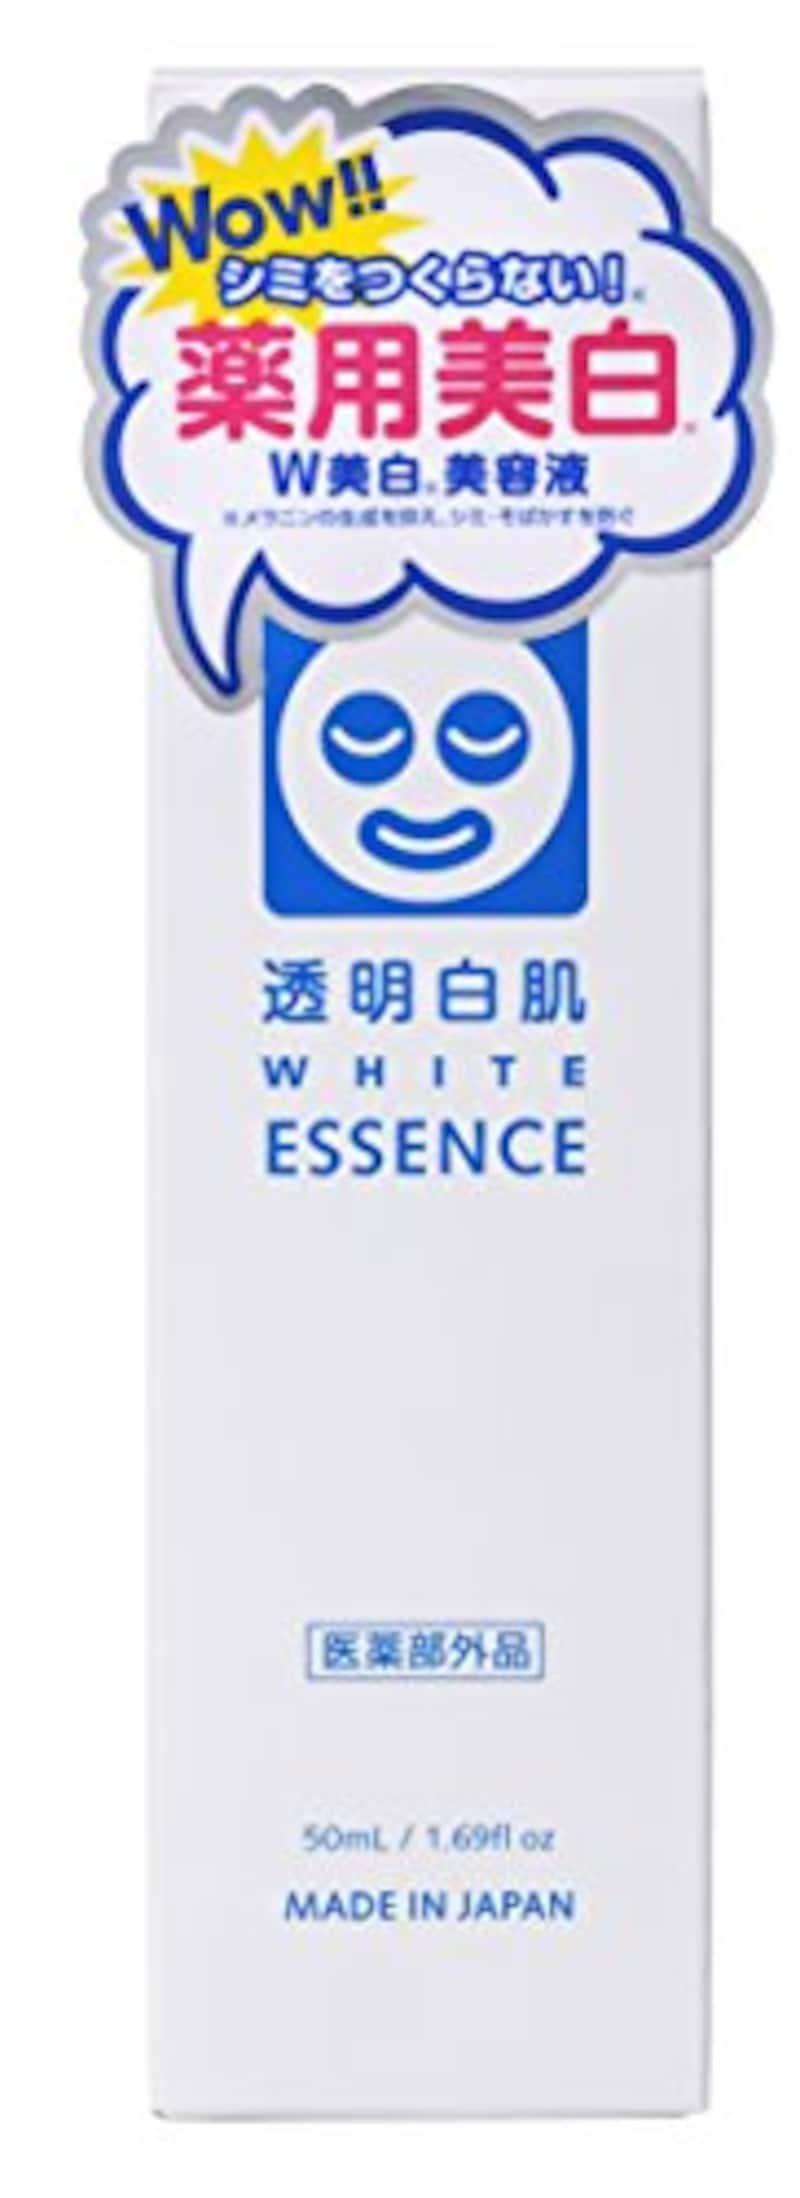 石澤研究所,透明白肌 薬用Wホワイトエッセンス